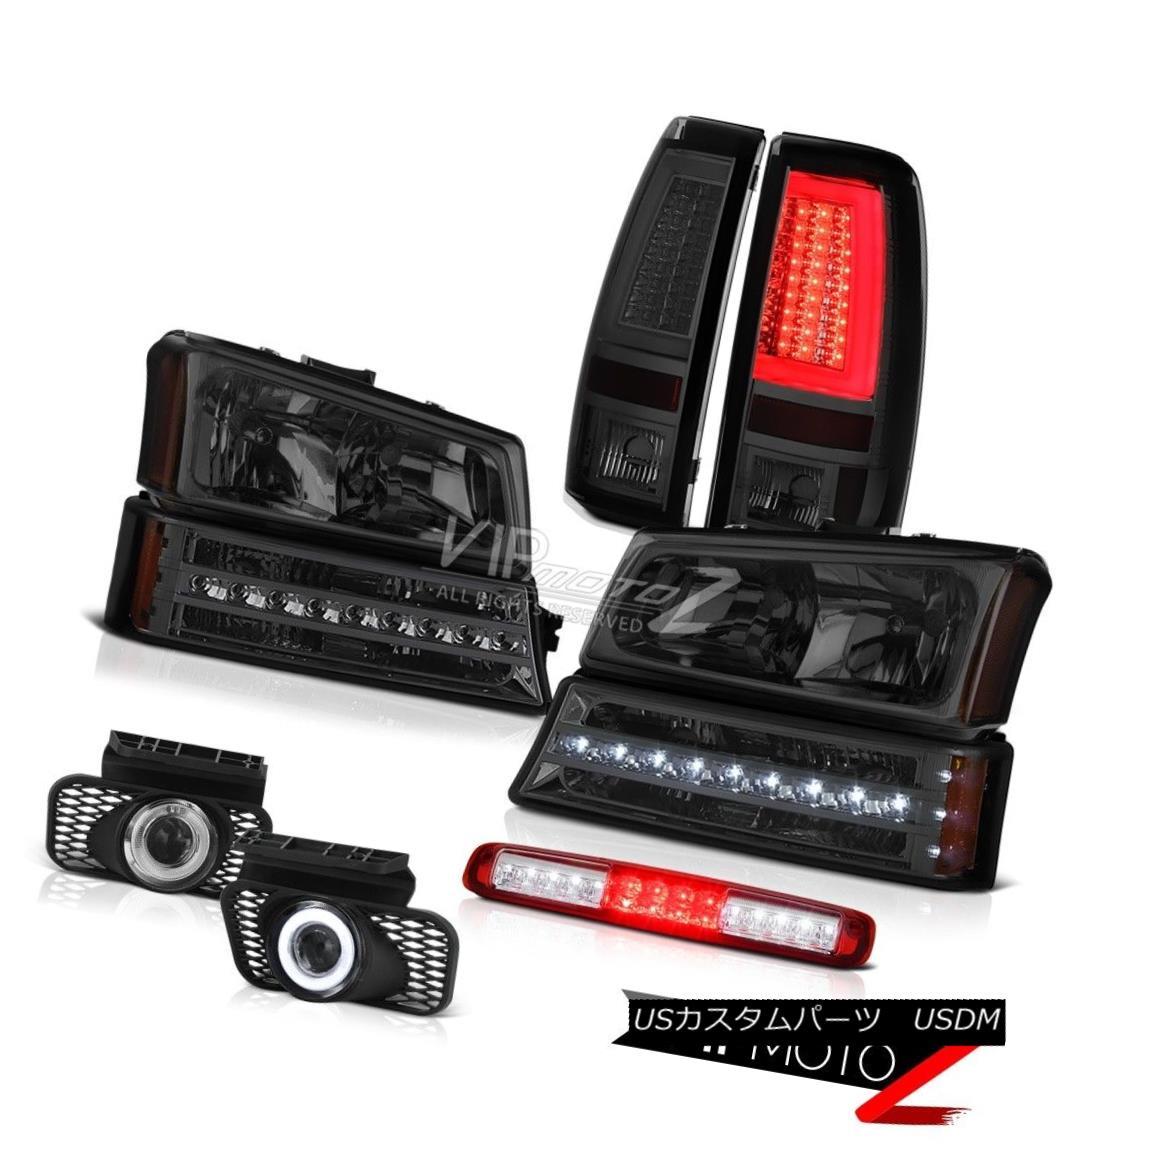 ヘッドライト 03-06 Silverado Taillamps Roof Brake Light Headlights Foglamps Bumper Neon Tube 03-06 Silverado Taillampsルーフブレーキライトヘッドライトフォグランプバンパーネオンチューブ